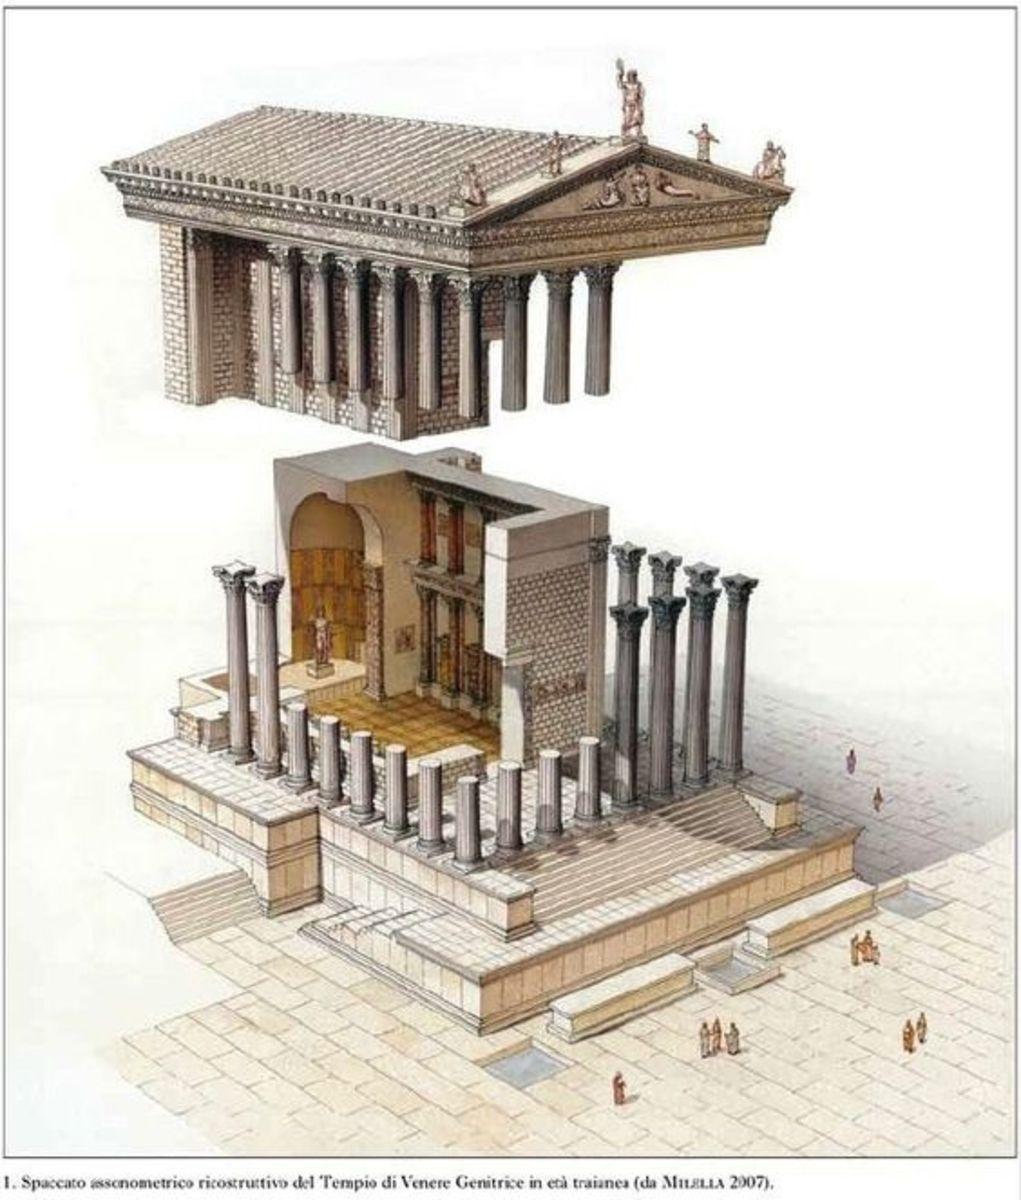 Terminologies in Roman Architecture